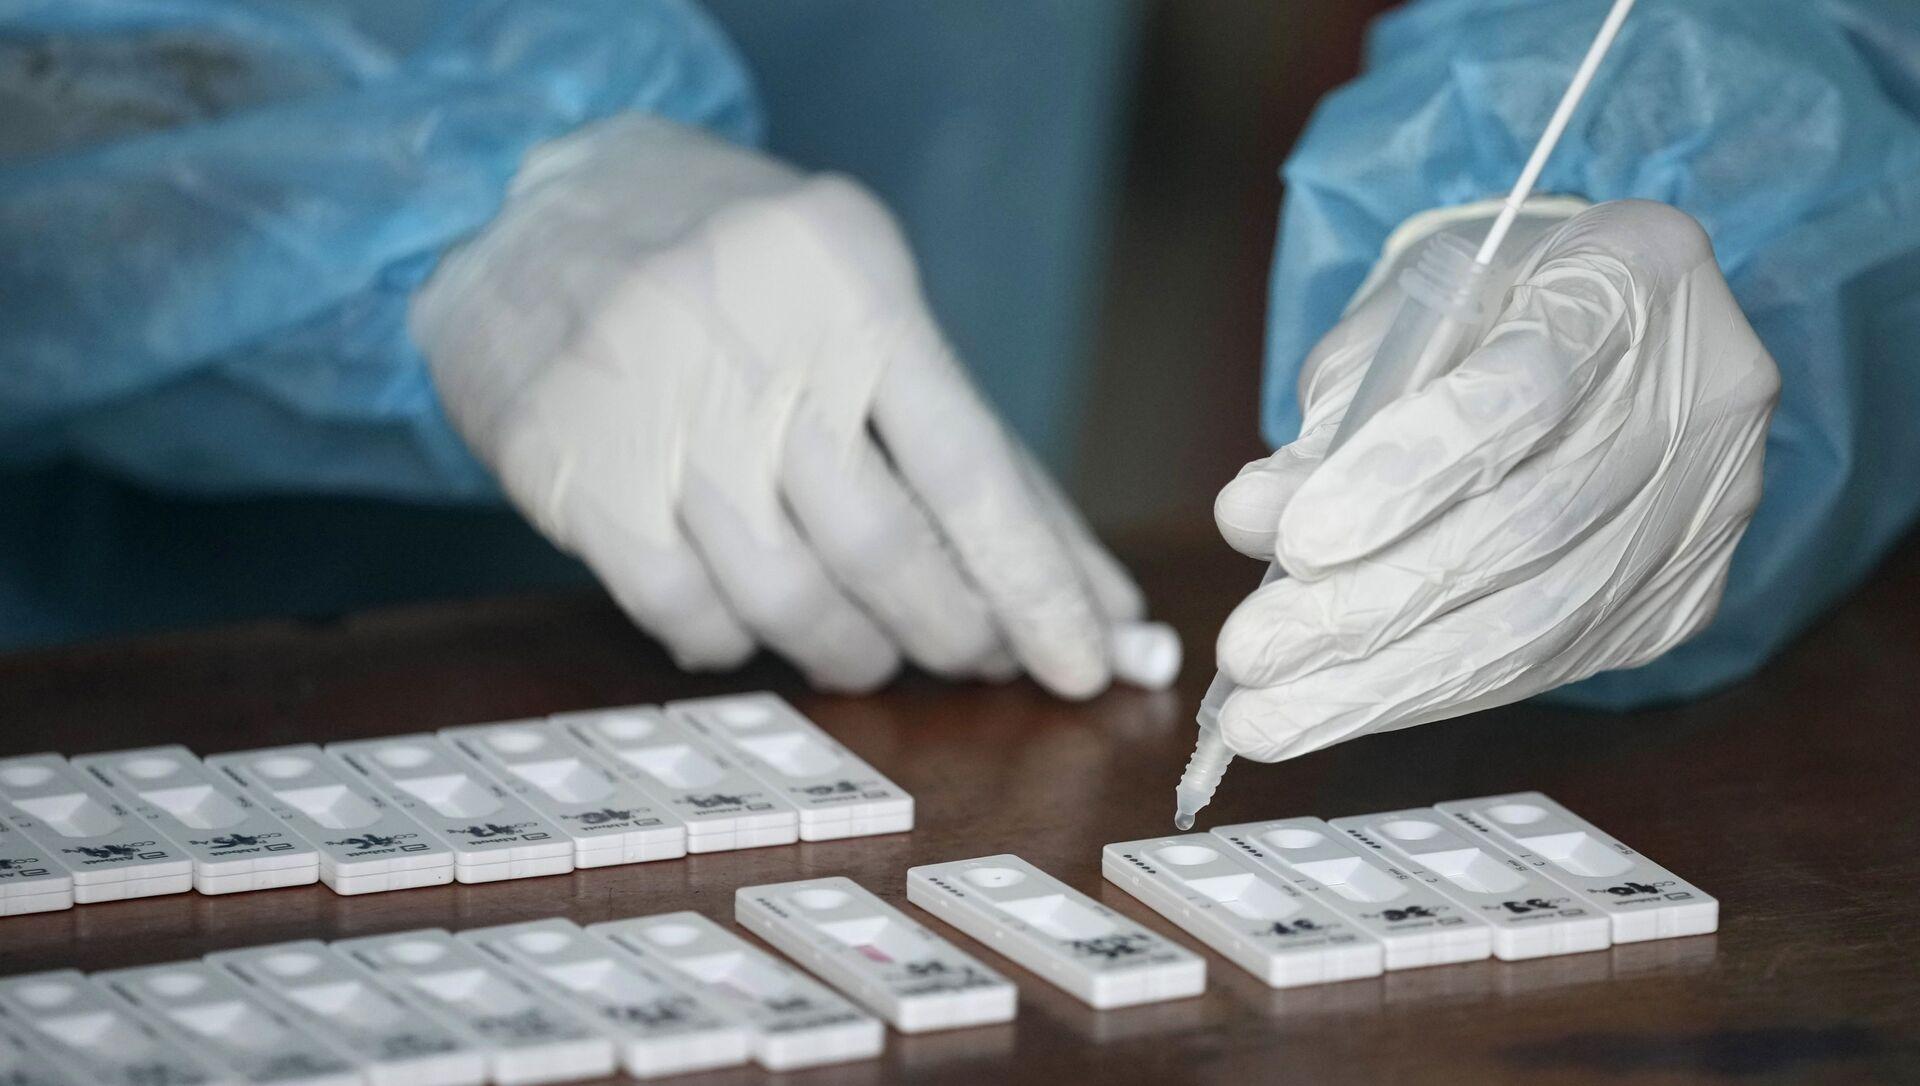 Медицинский работник проверяет образцы мазков из носа на коронавирус во время массового тестирования в Бекаси на окраине Джакарты - Sputnik Аҧсны, 1920, 22.07.2021